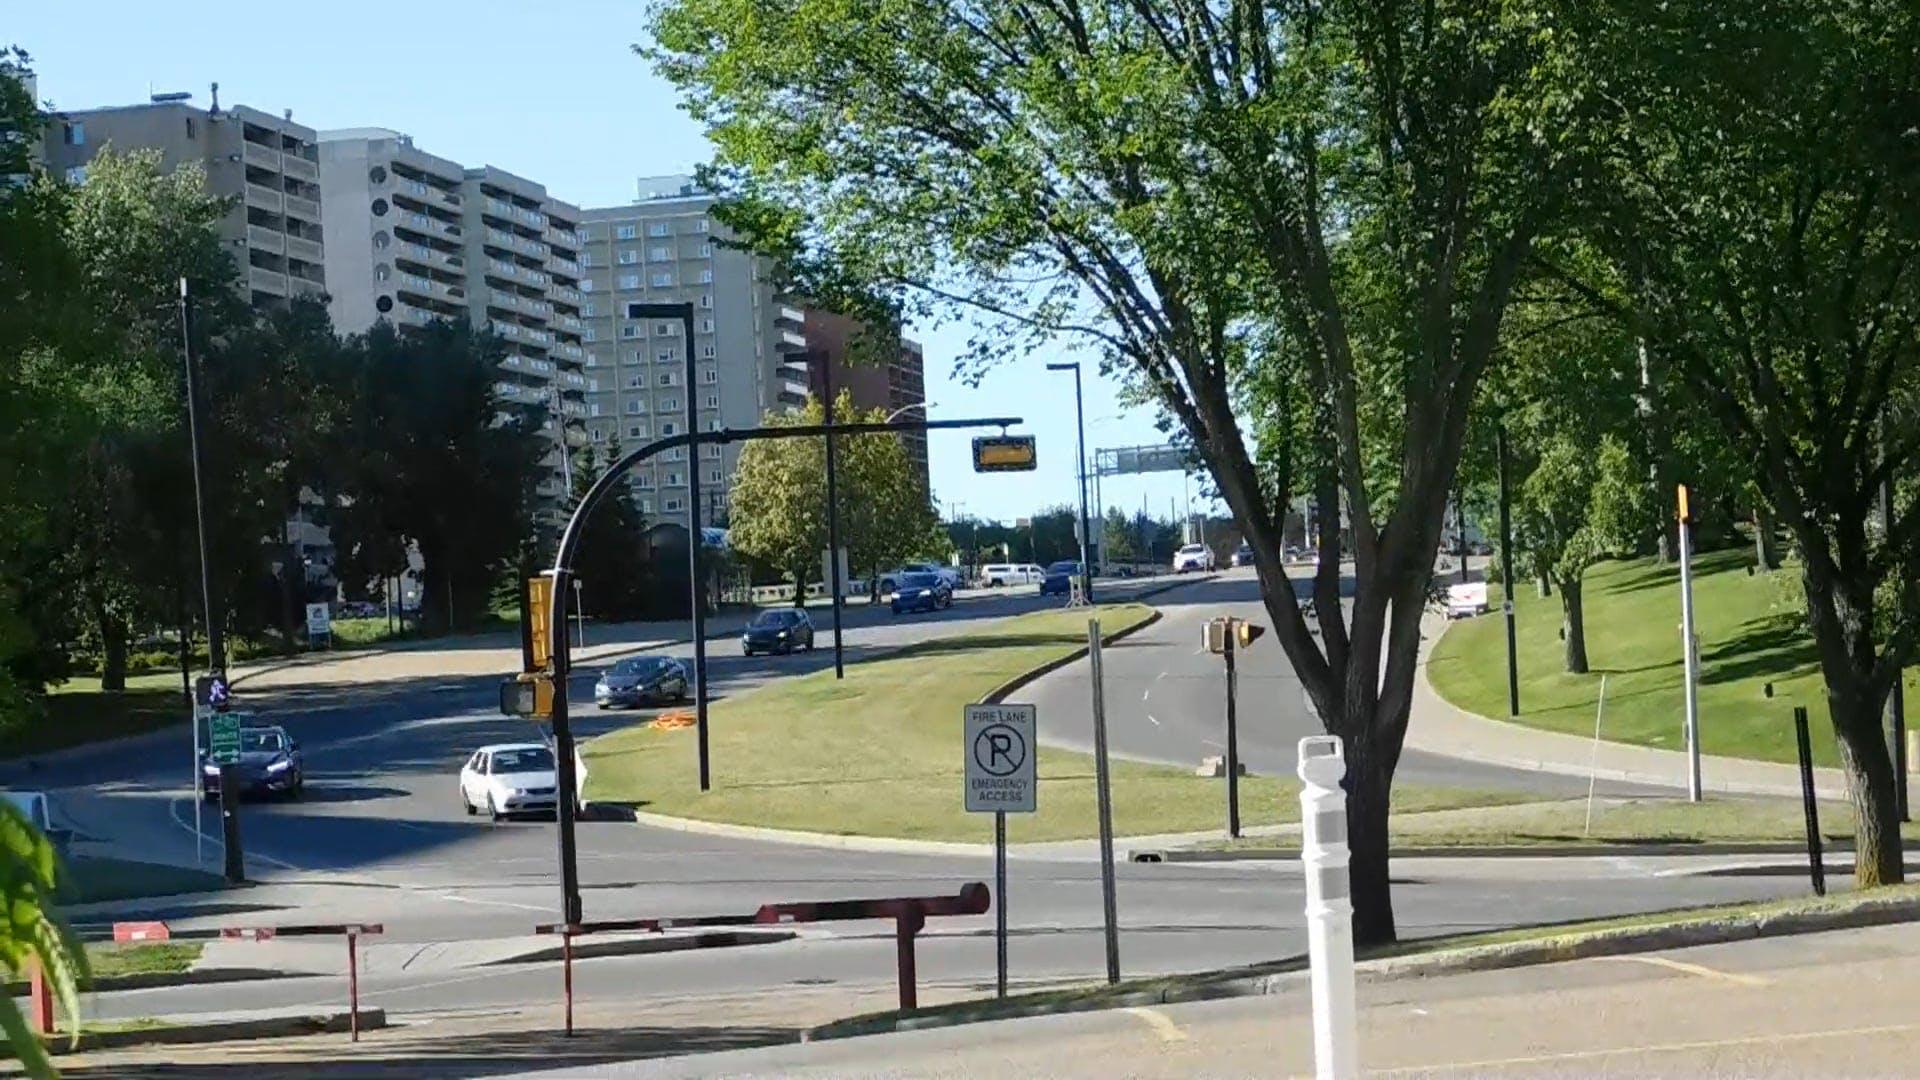 City Drive On Sunday